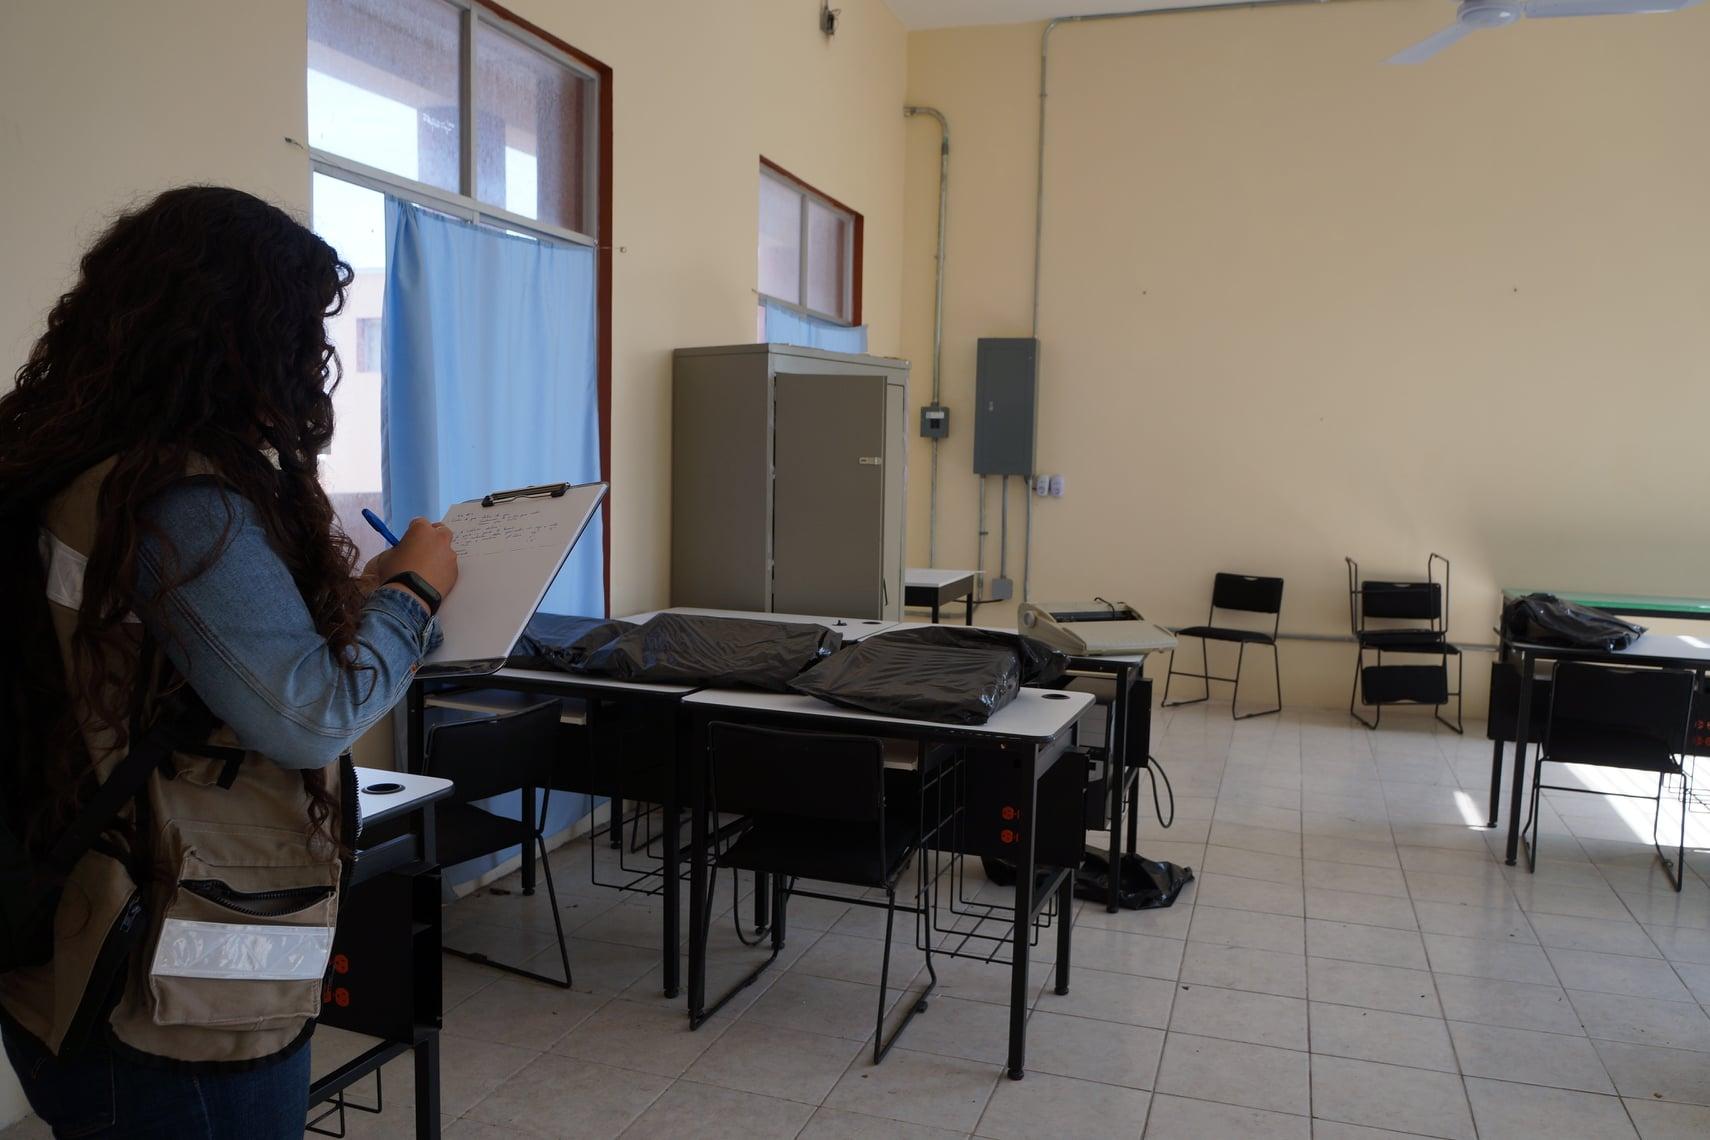 SEV atiende 24 escuelas afectadas por robos, en Veracruz y Boca del Río